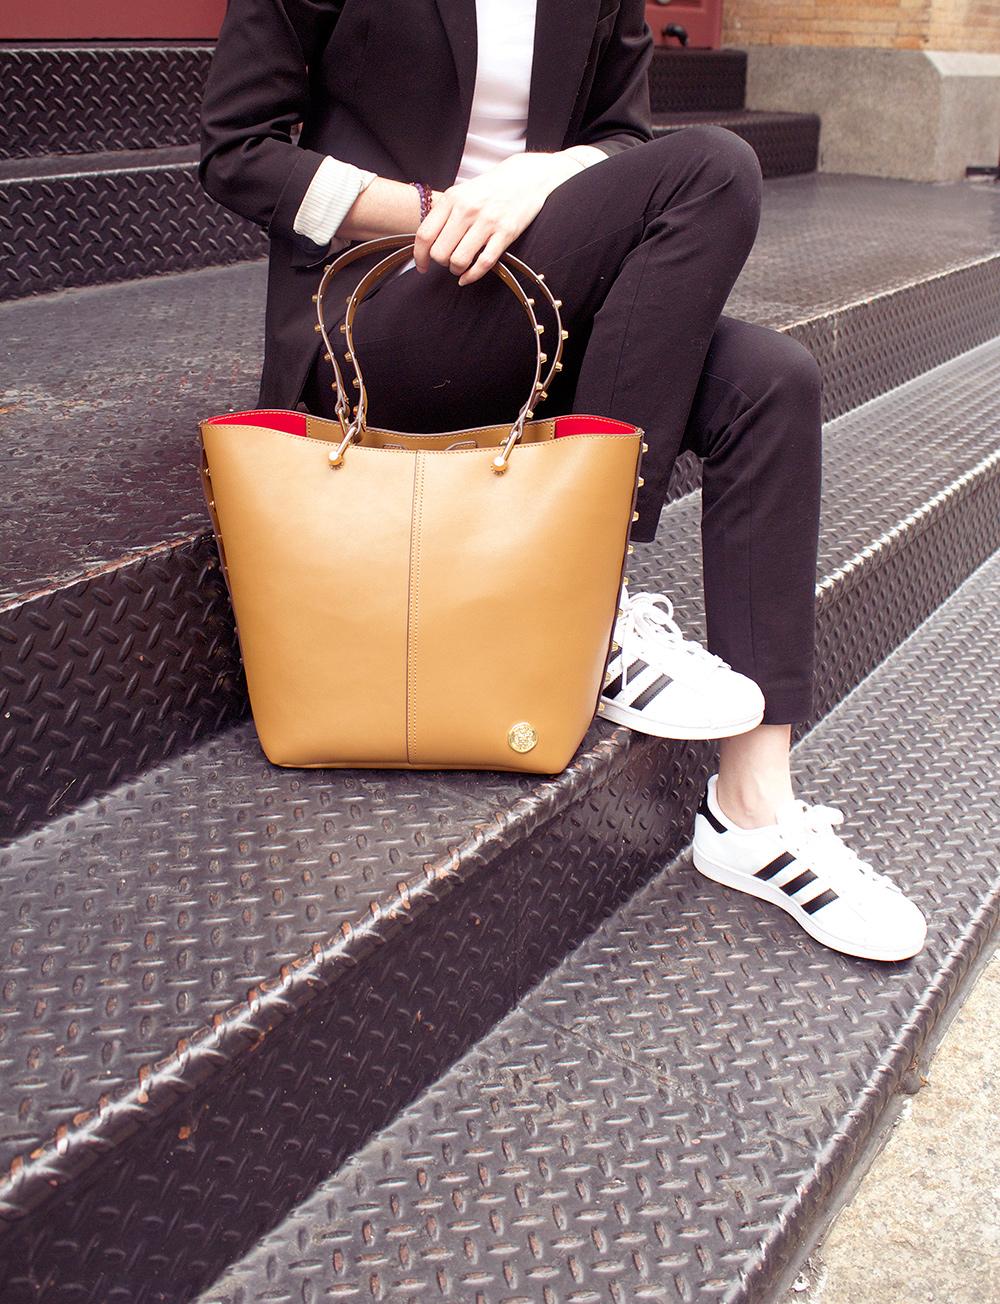 Vince-Camuto-bag